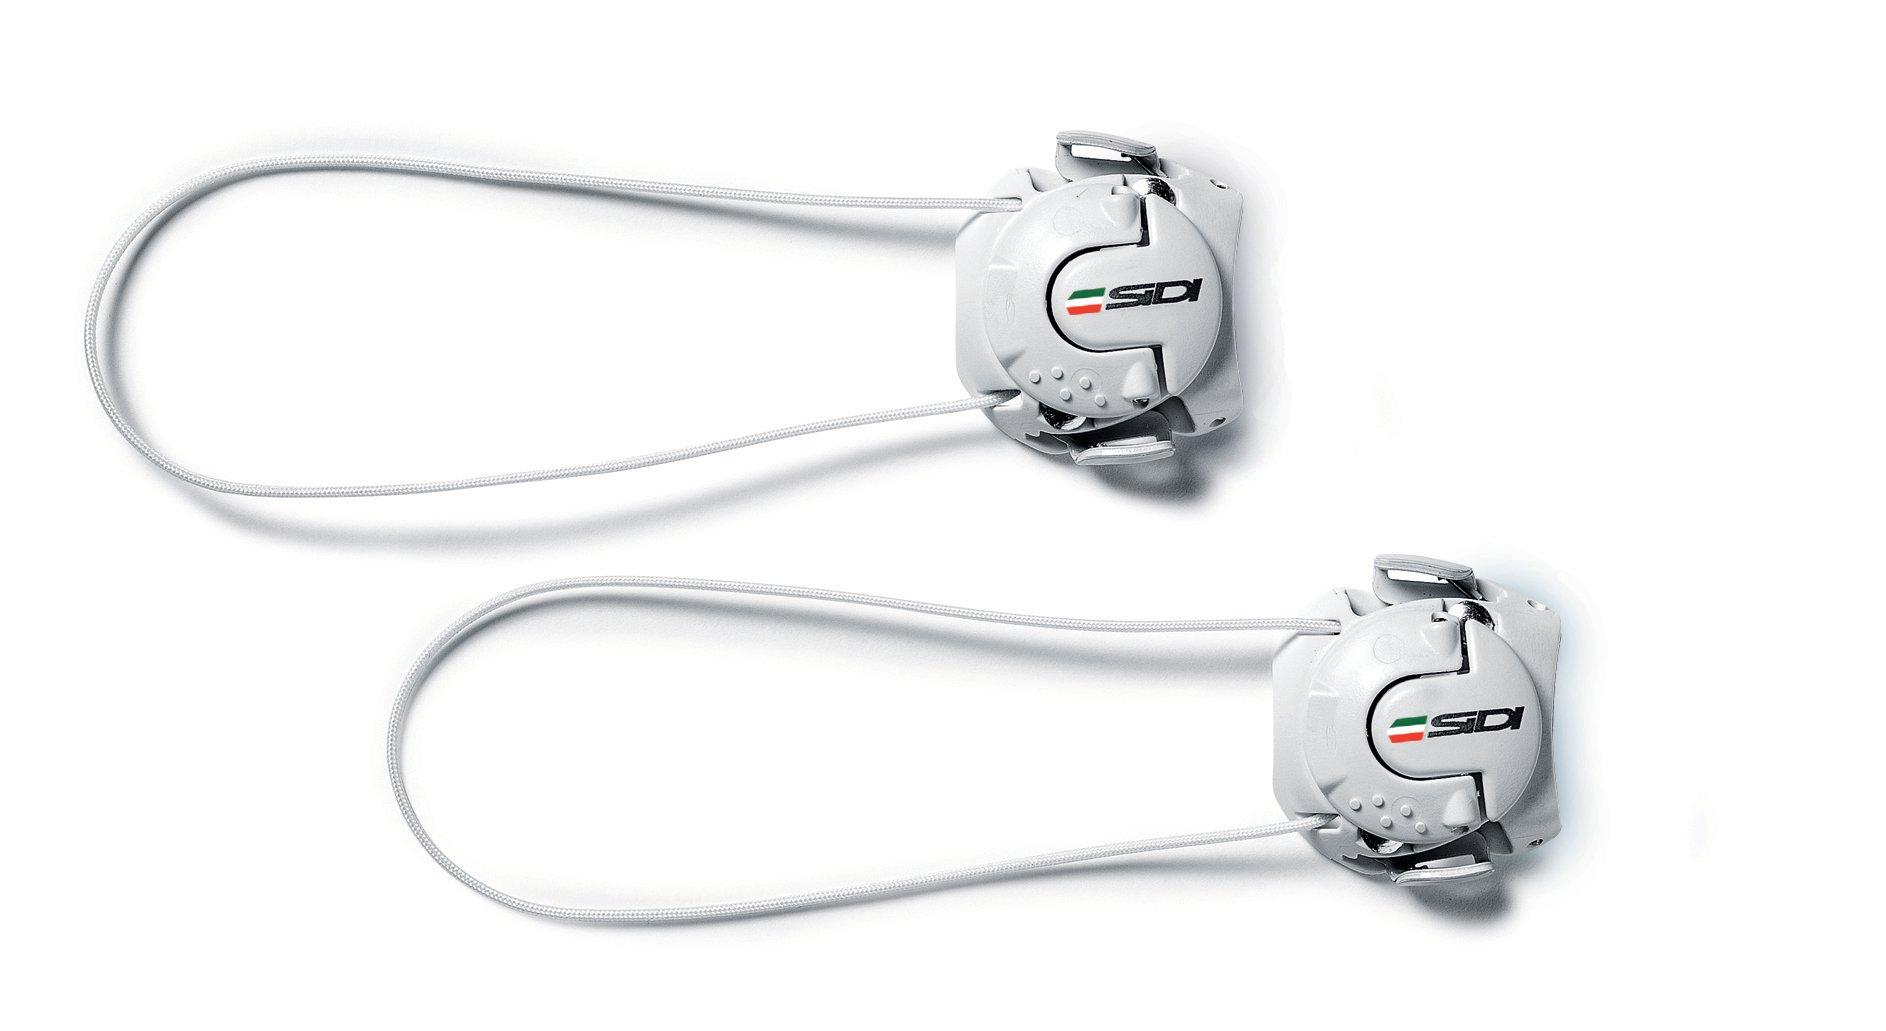 Sidi tecno 3 kort model hvid   Sko > Tilbehør